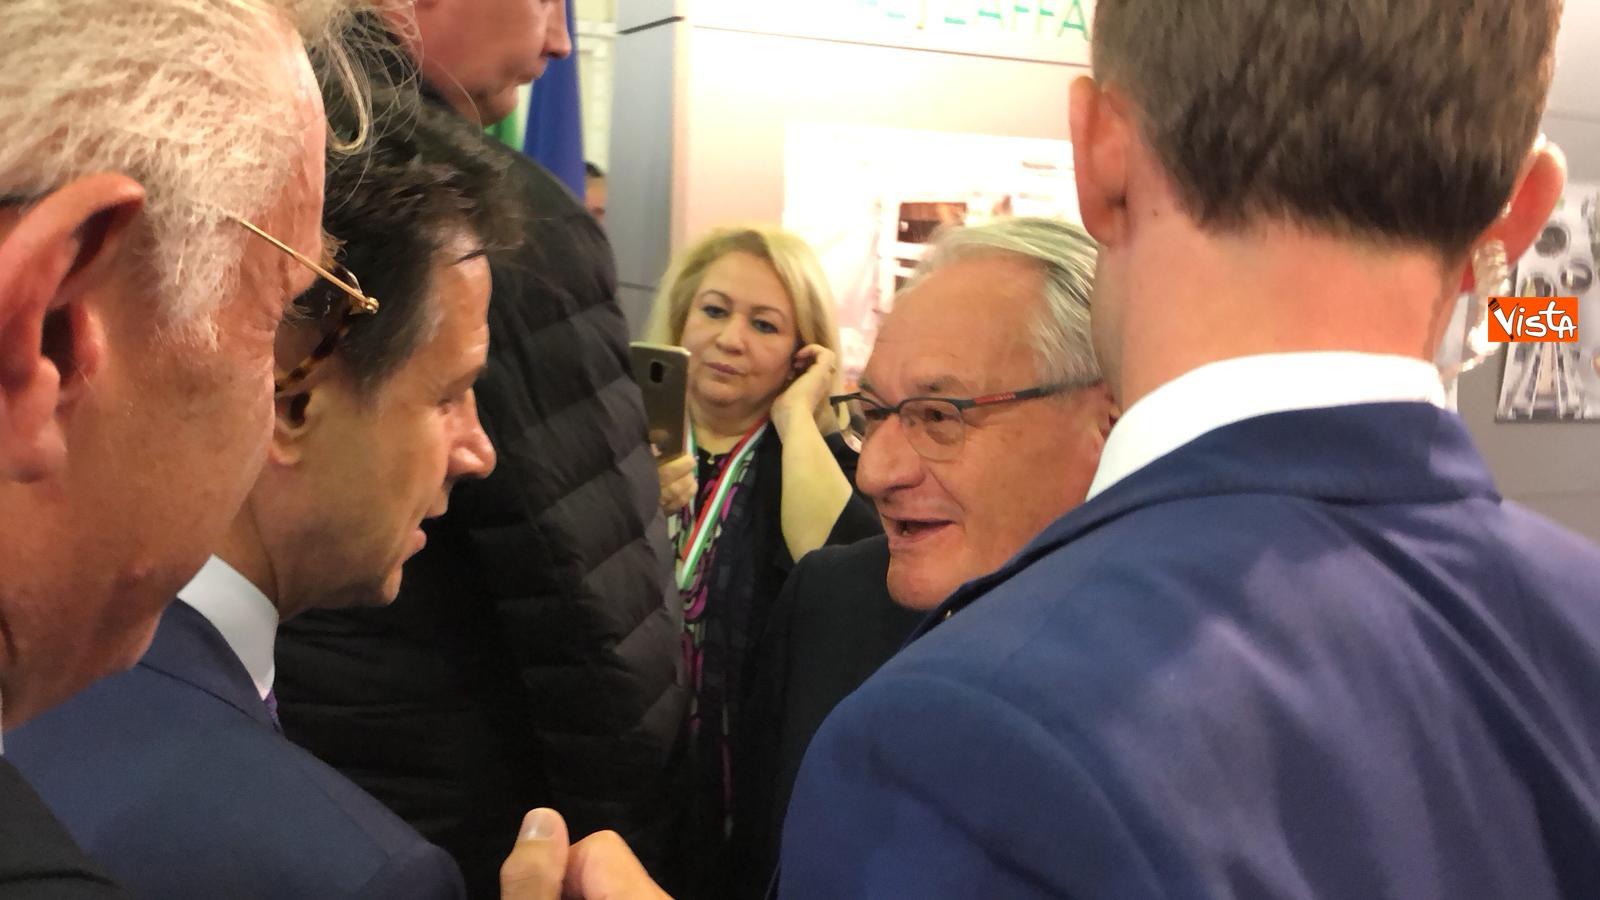 24-10-18 Conte all'Expocenter di Mosca con gli imprenditori italiani 4